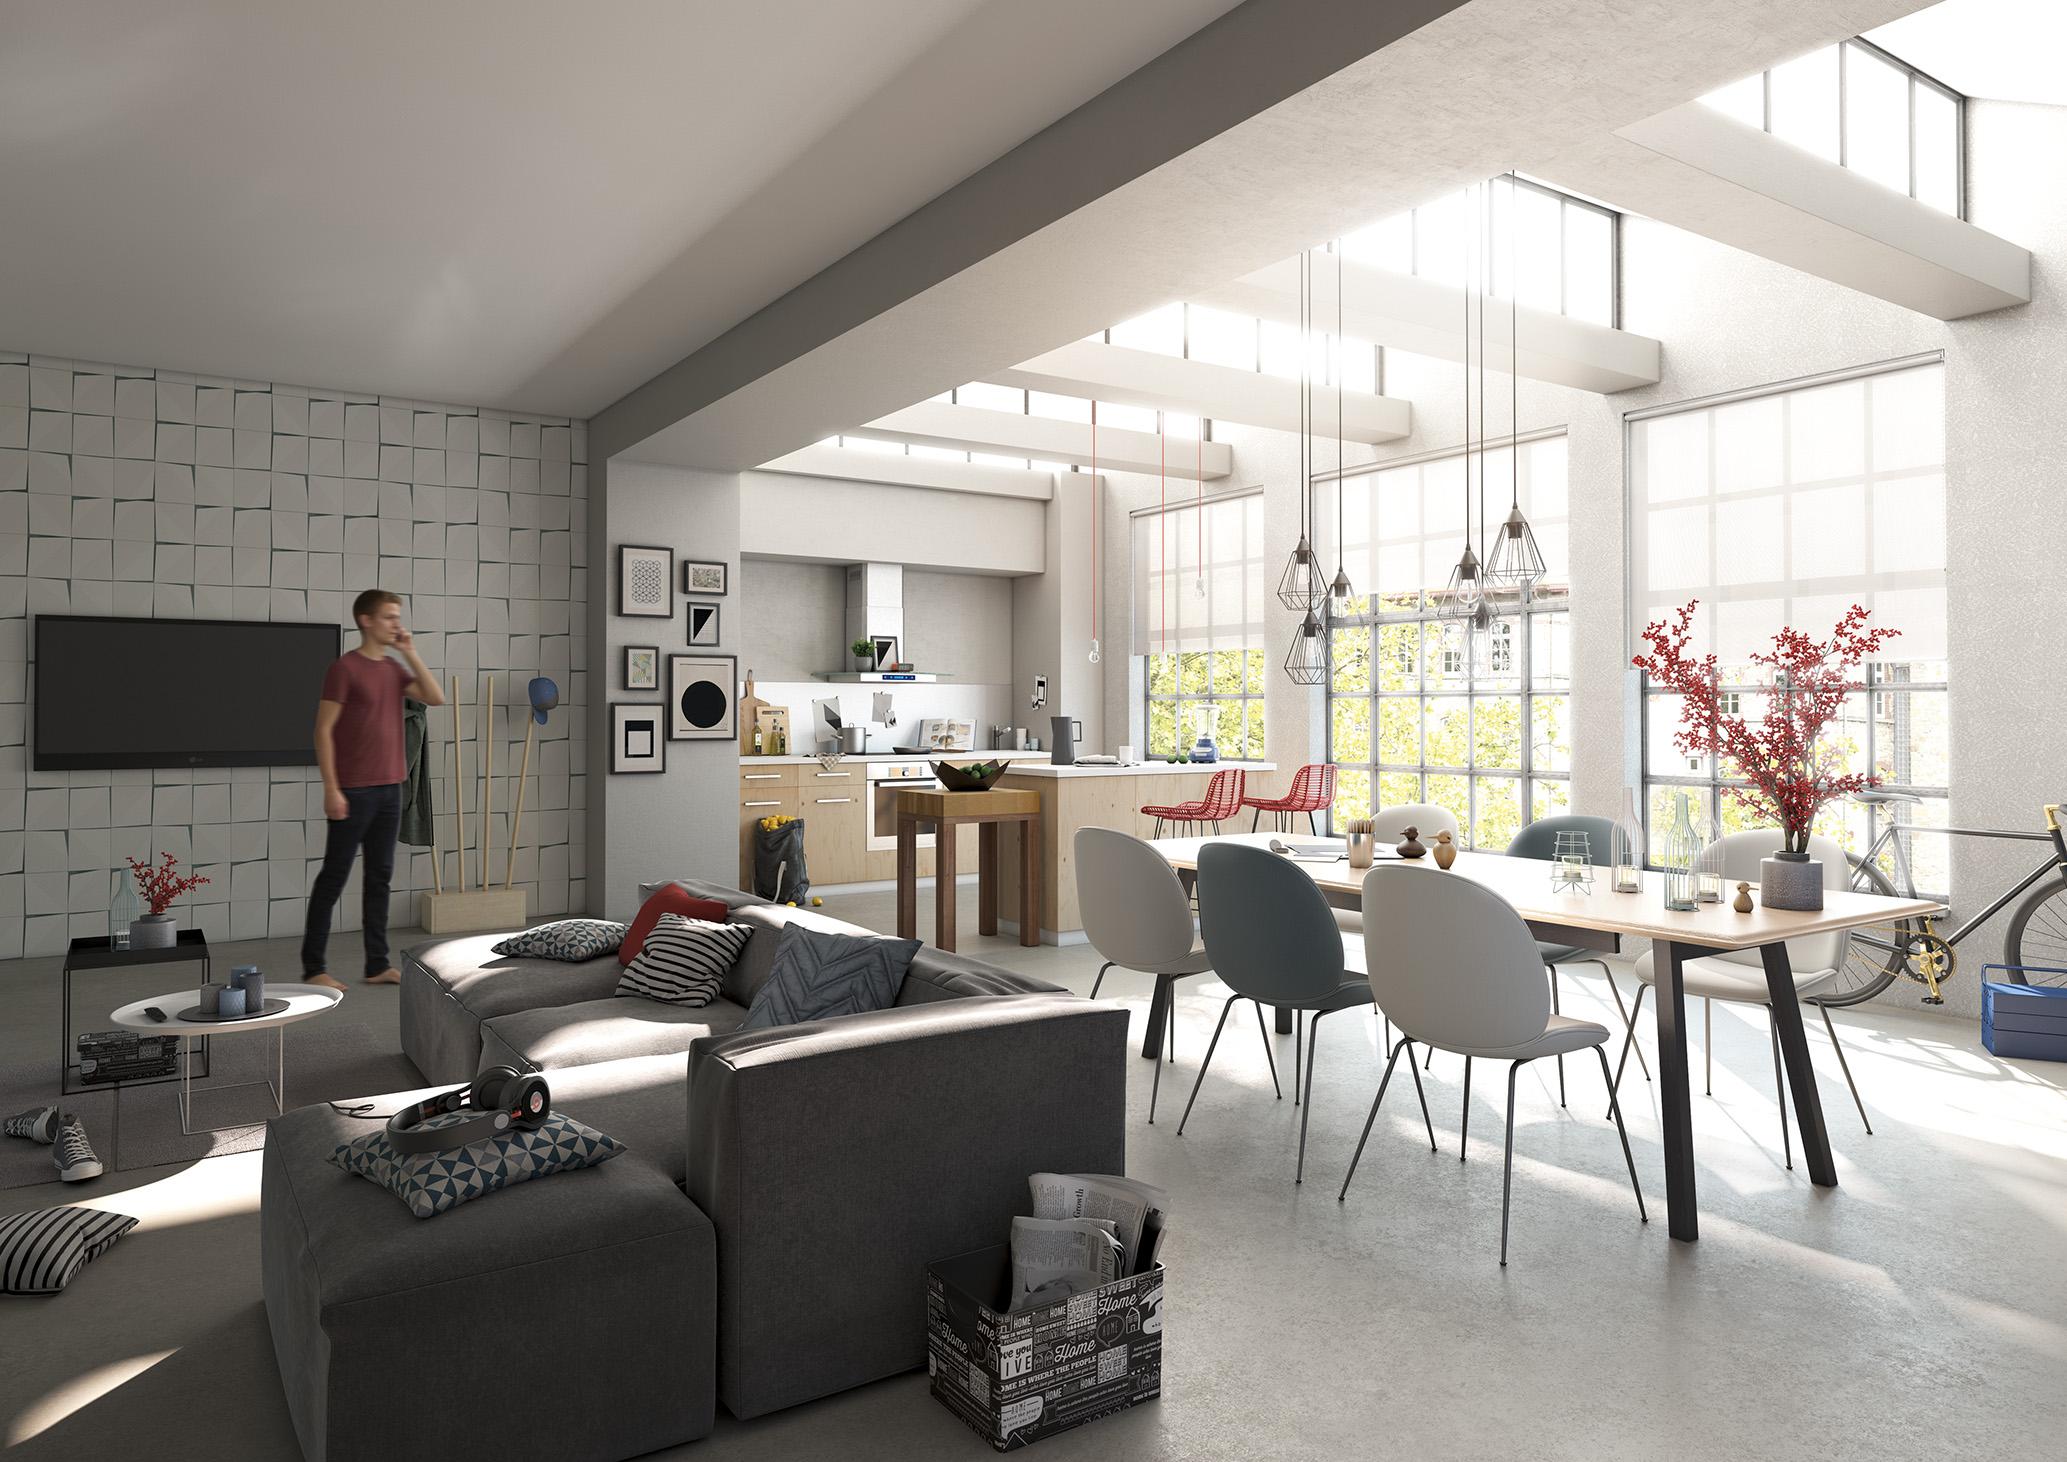 Vier woonstijlen voor een optimale woonbeleving hornbach newsroom